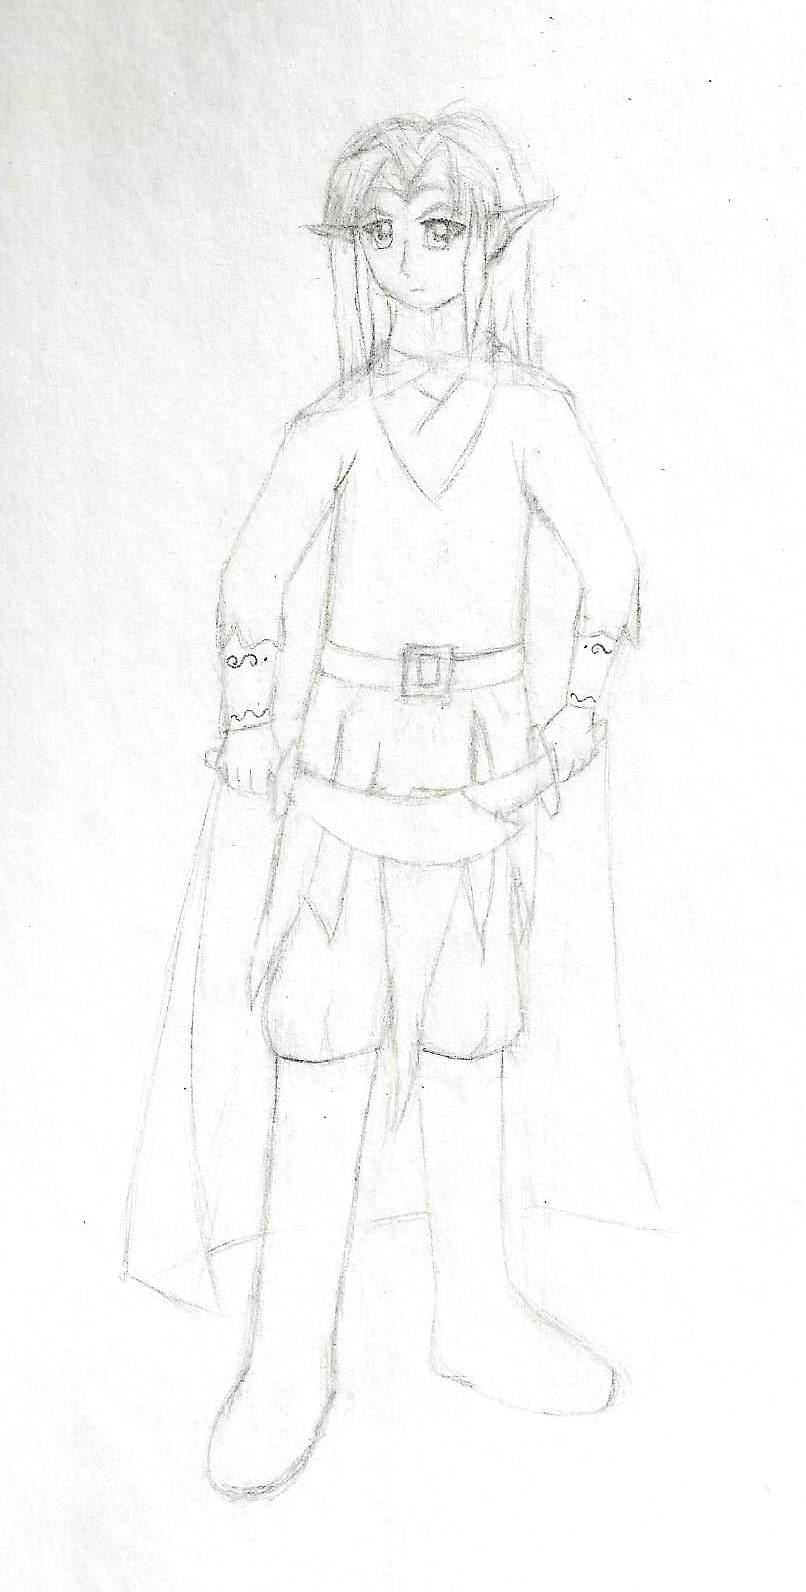 Fan Art Friday: Drizzt Do'Urden | Jedi by Knight